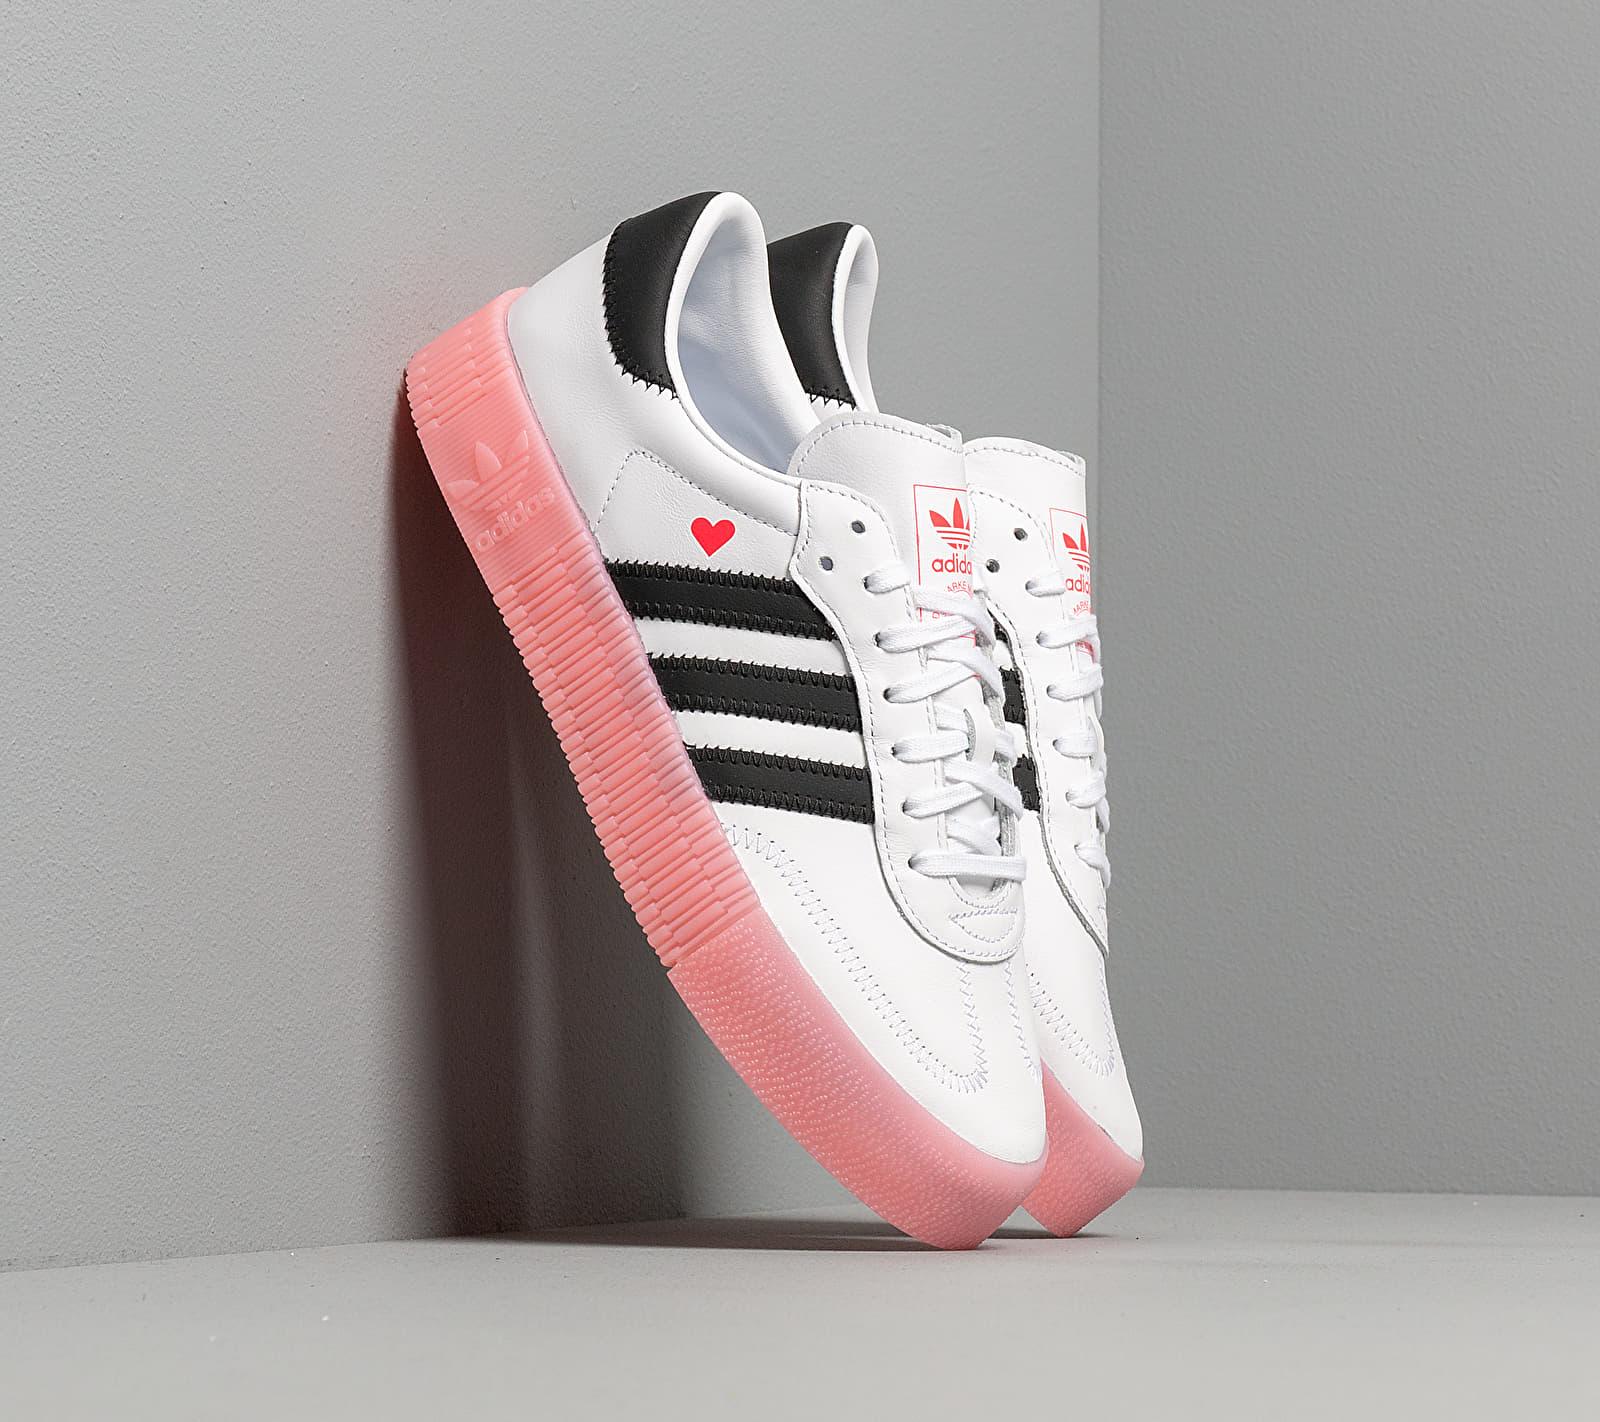 adidas Sambarose W Ftw White/ Core Black/ Glow Pink EUR 41 1/3